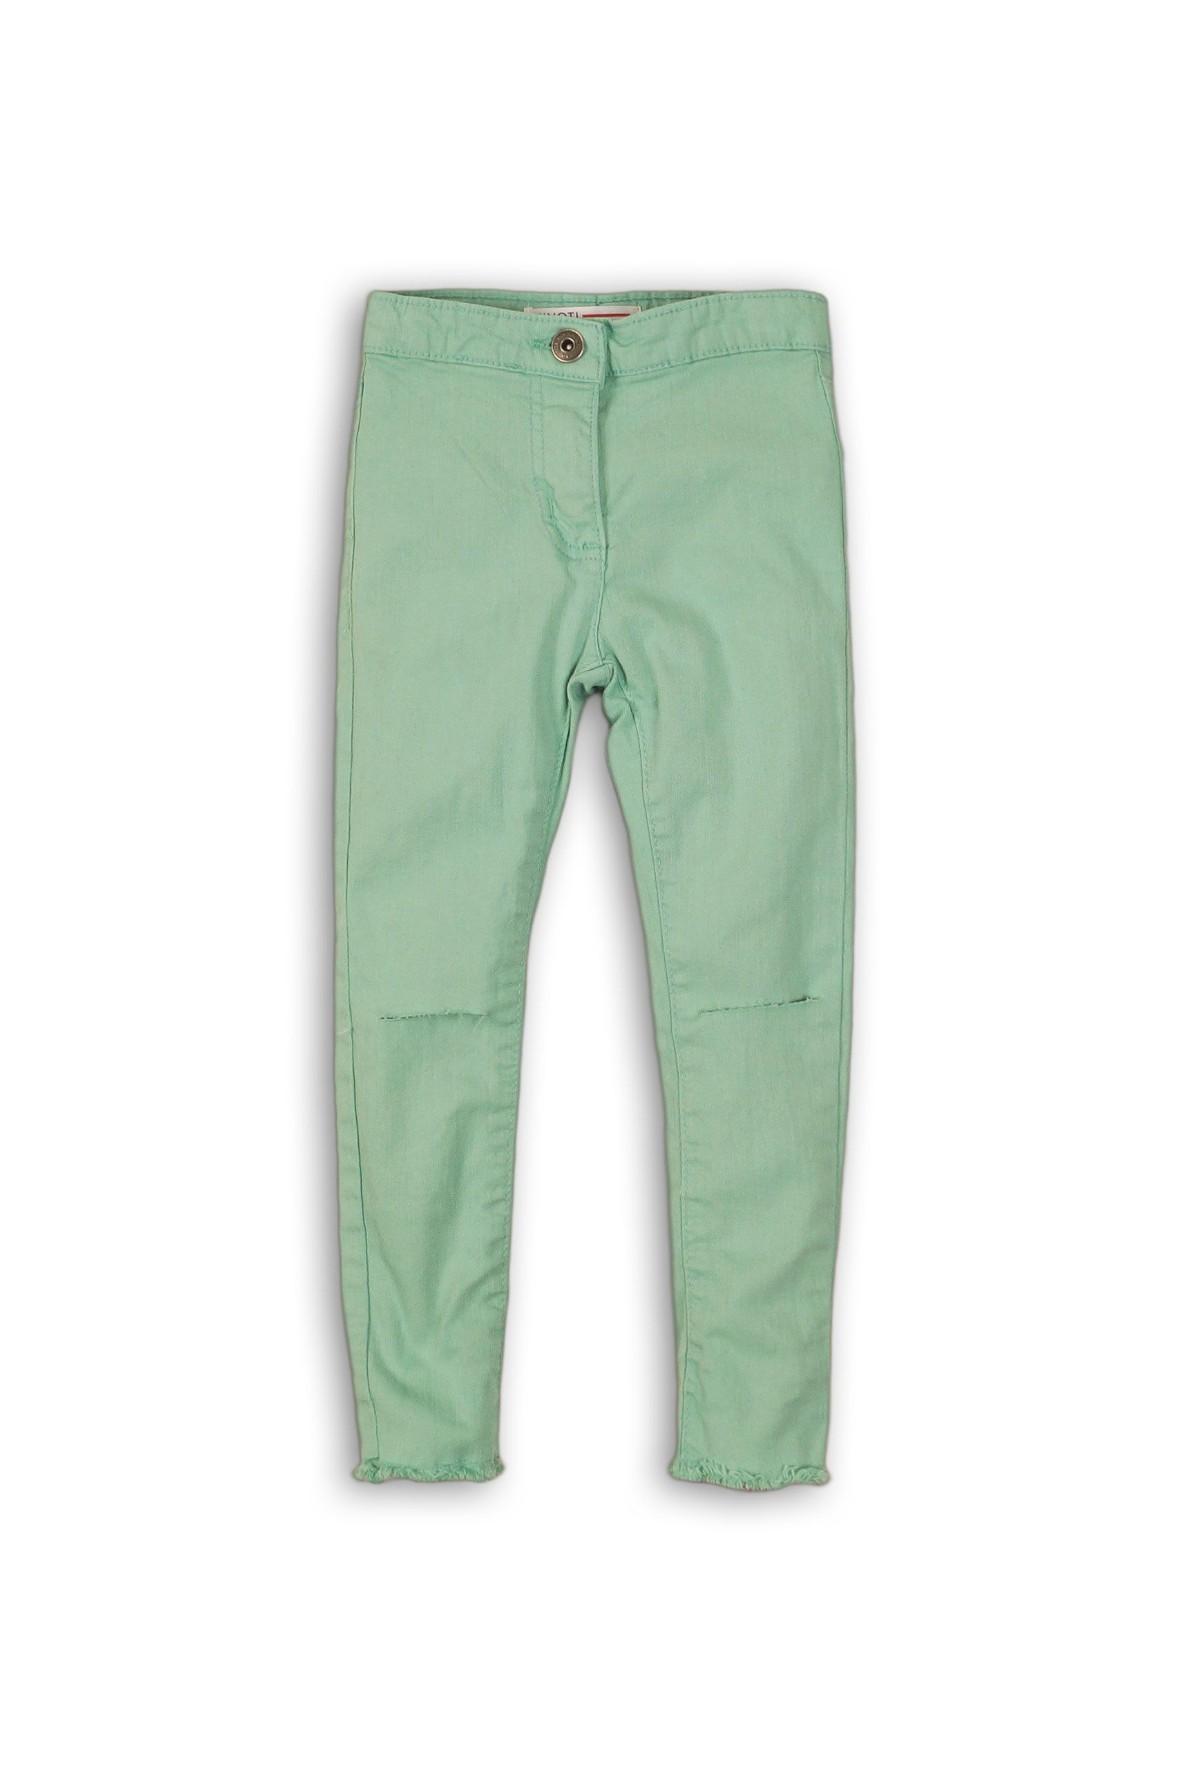 Jegginsy dziewczęce zielone z rozcięciami na kolanach